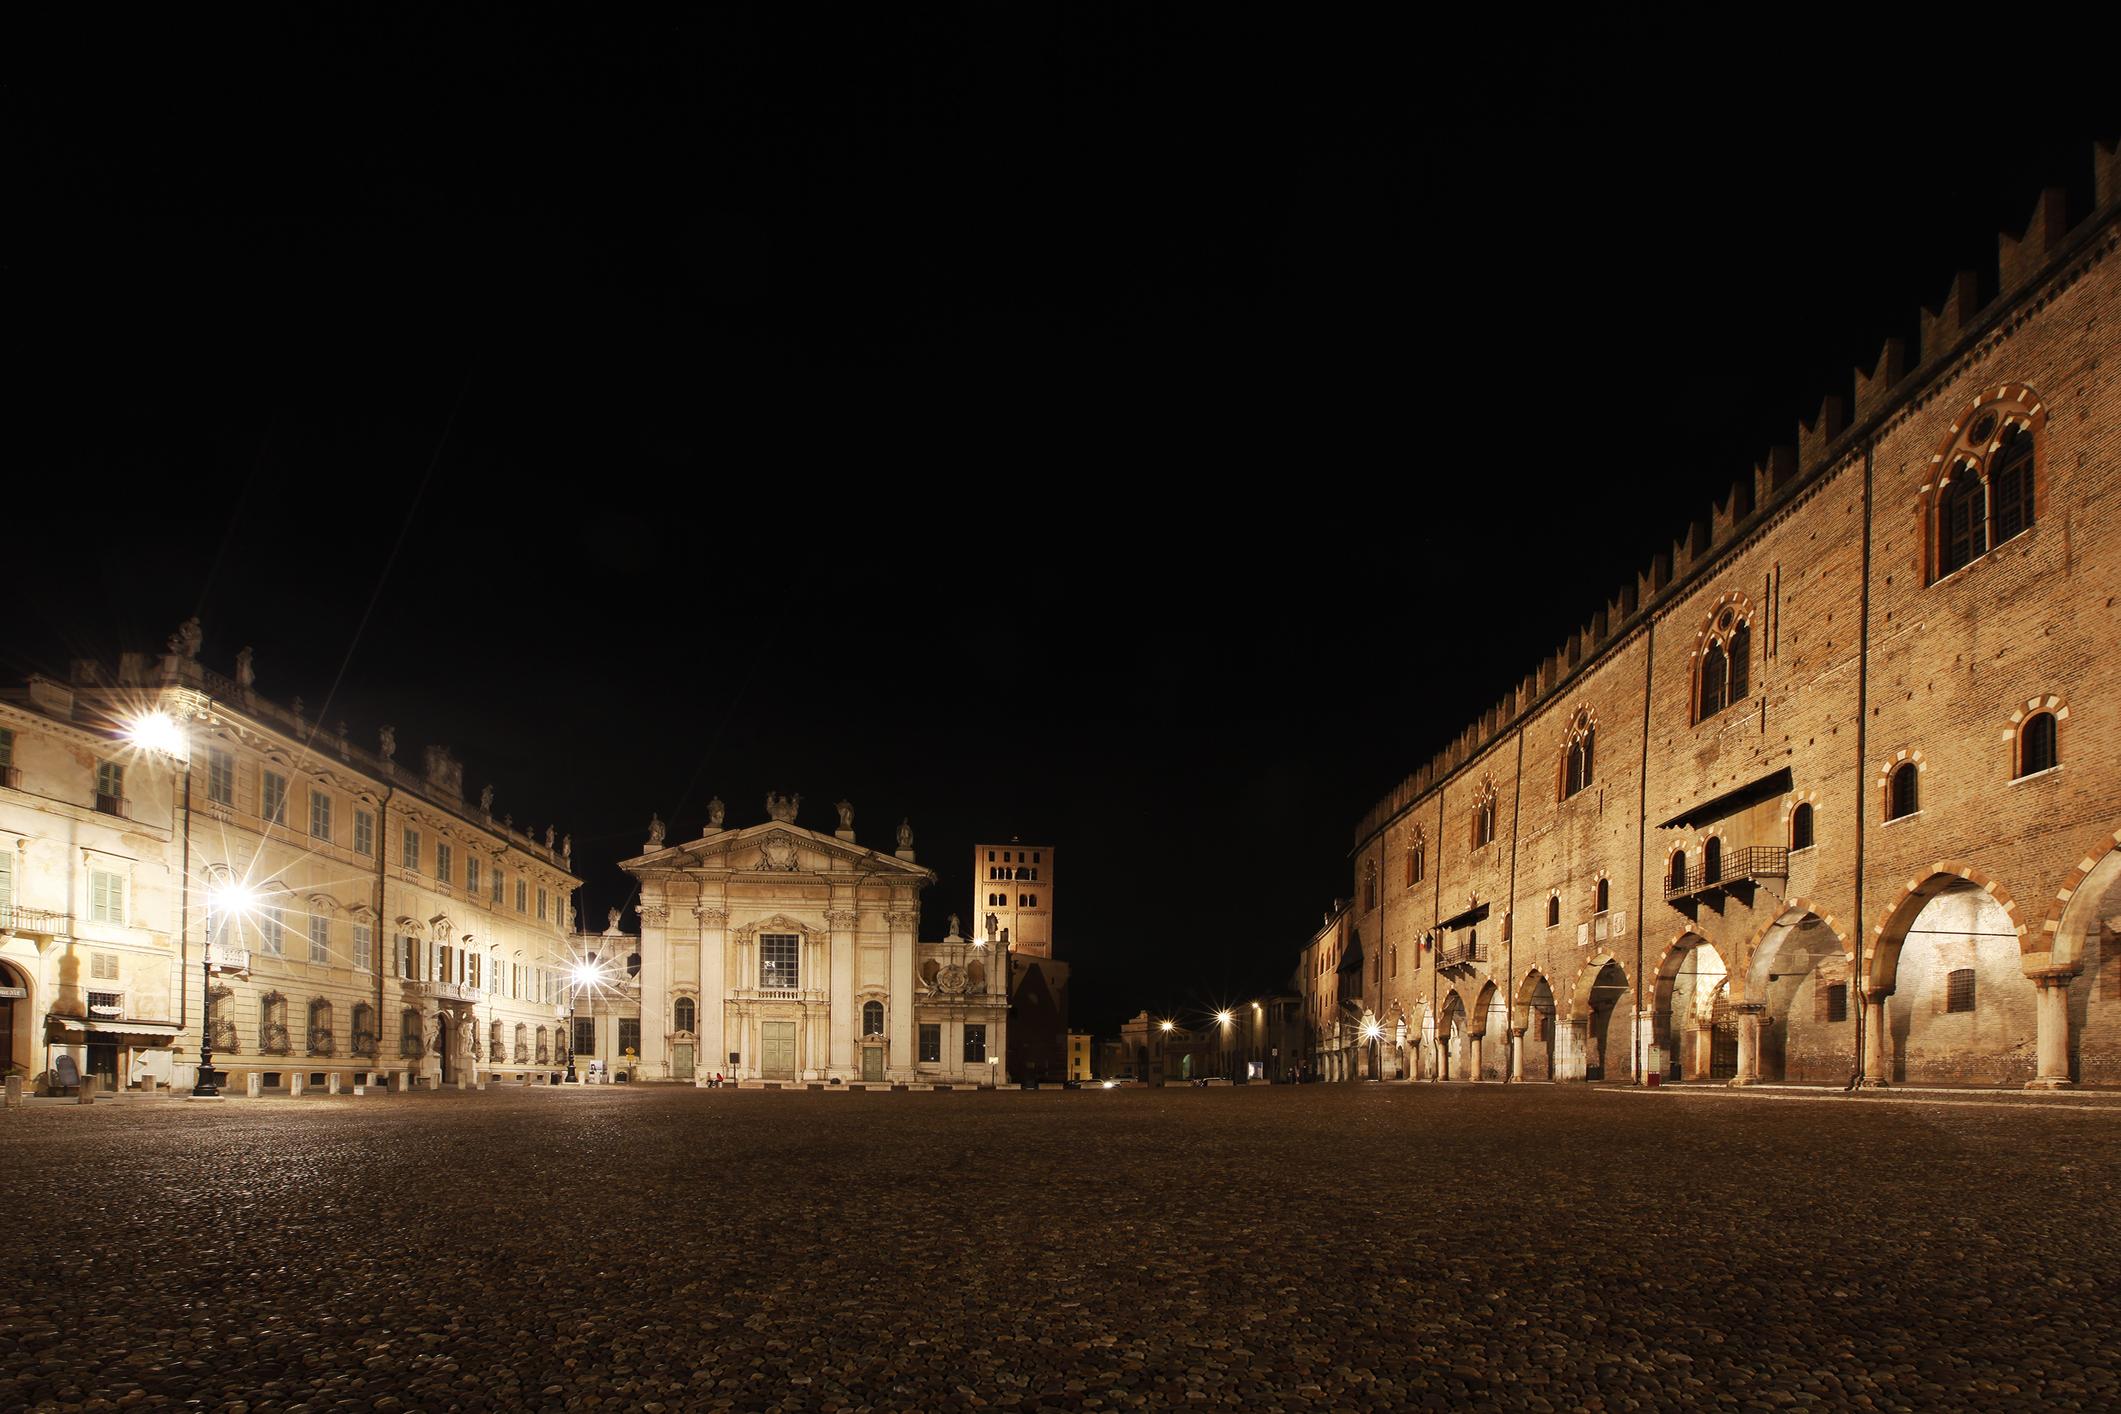 Var medeltidsstaden oplanerad?